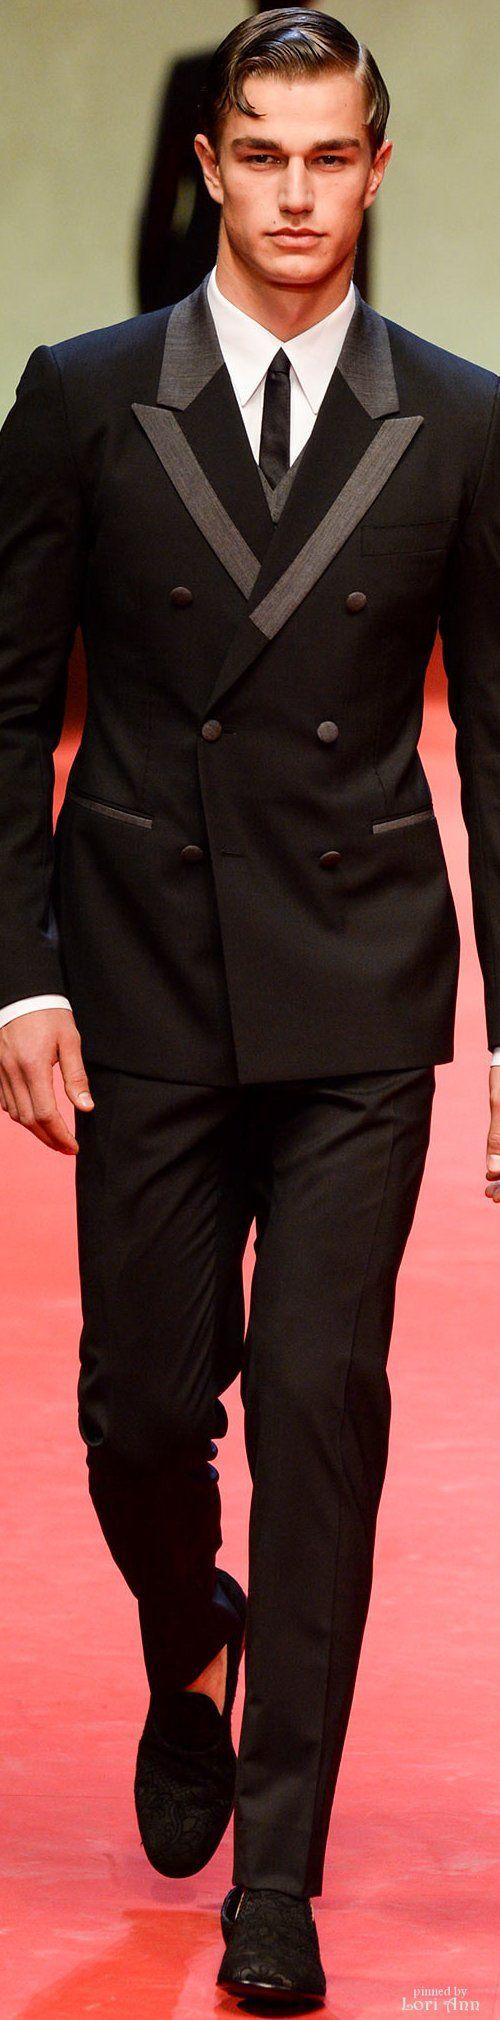 Gentlemen:  #Gentlemen's #fashion ~ Dolce & Gabbana Spring 2015 Menswear.